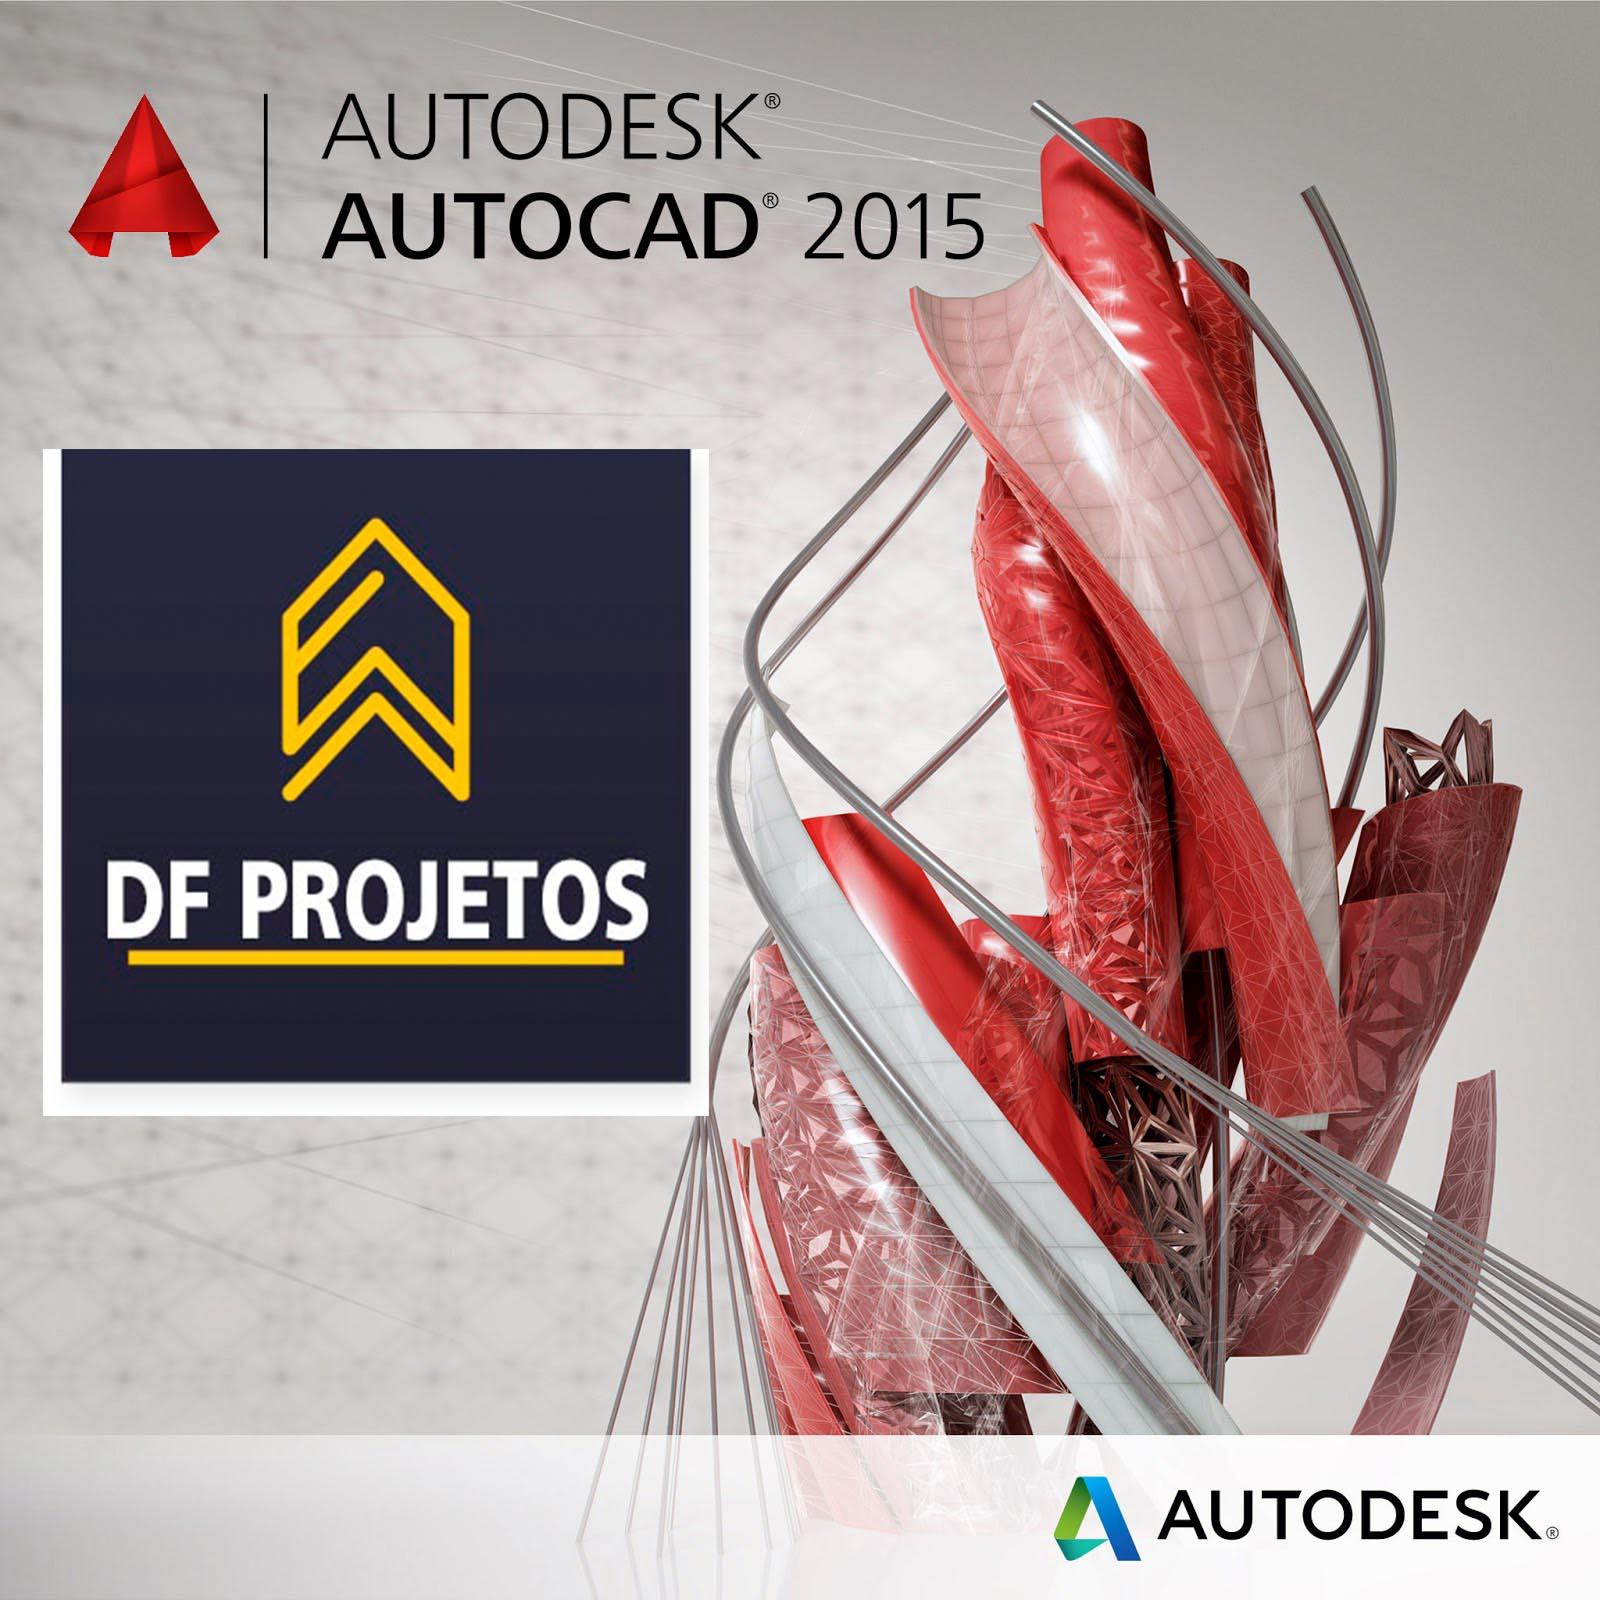 Fazer download do AutoCAD 2016 via torrents